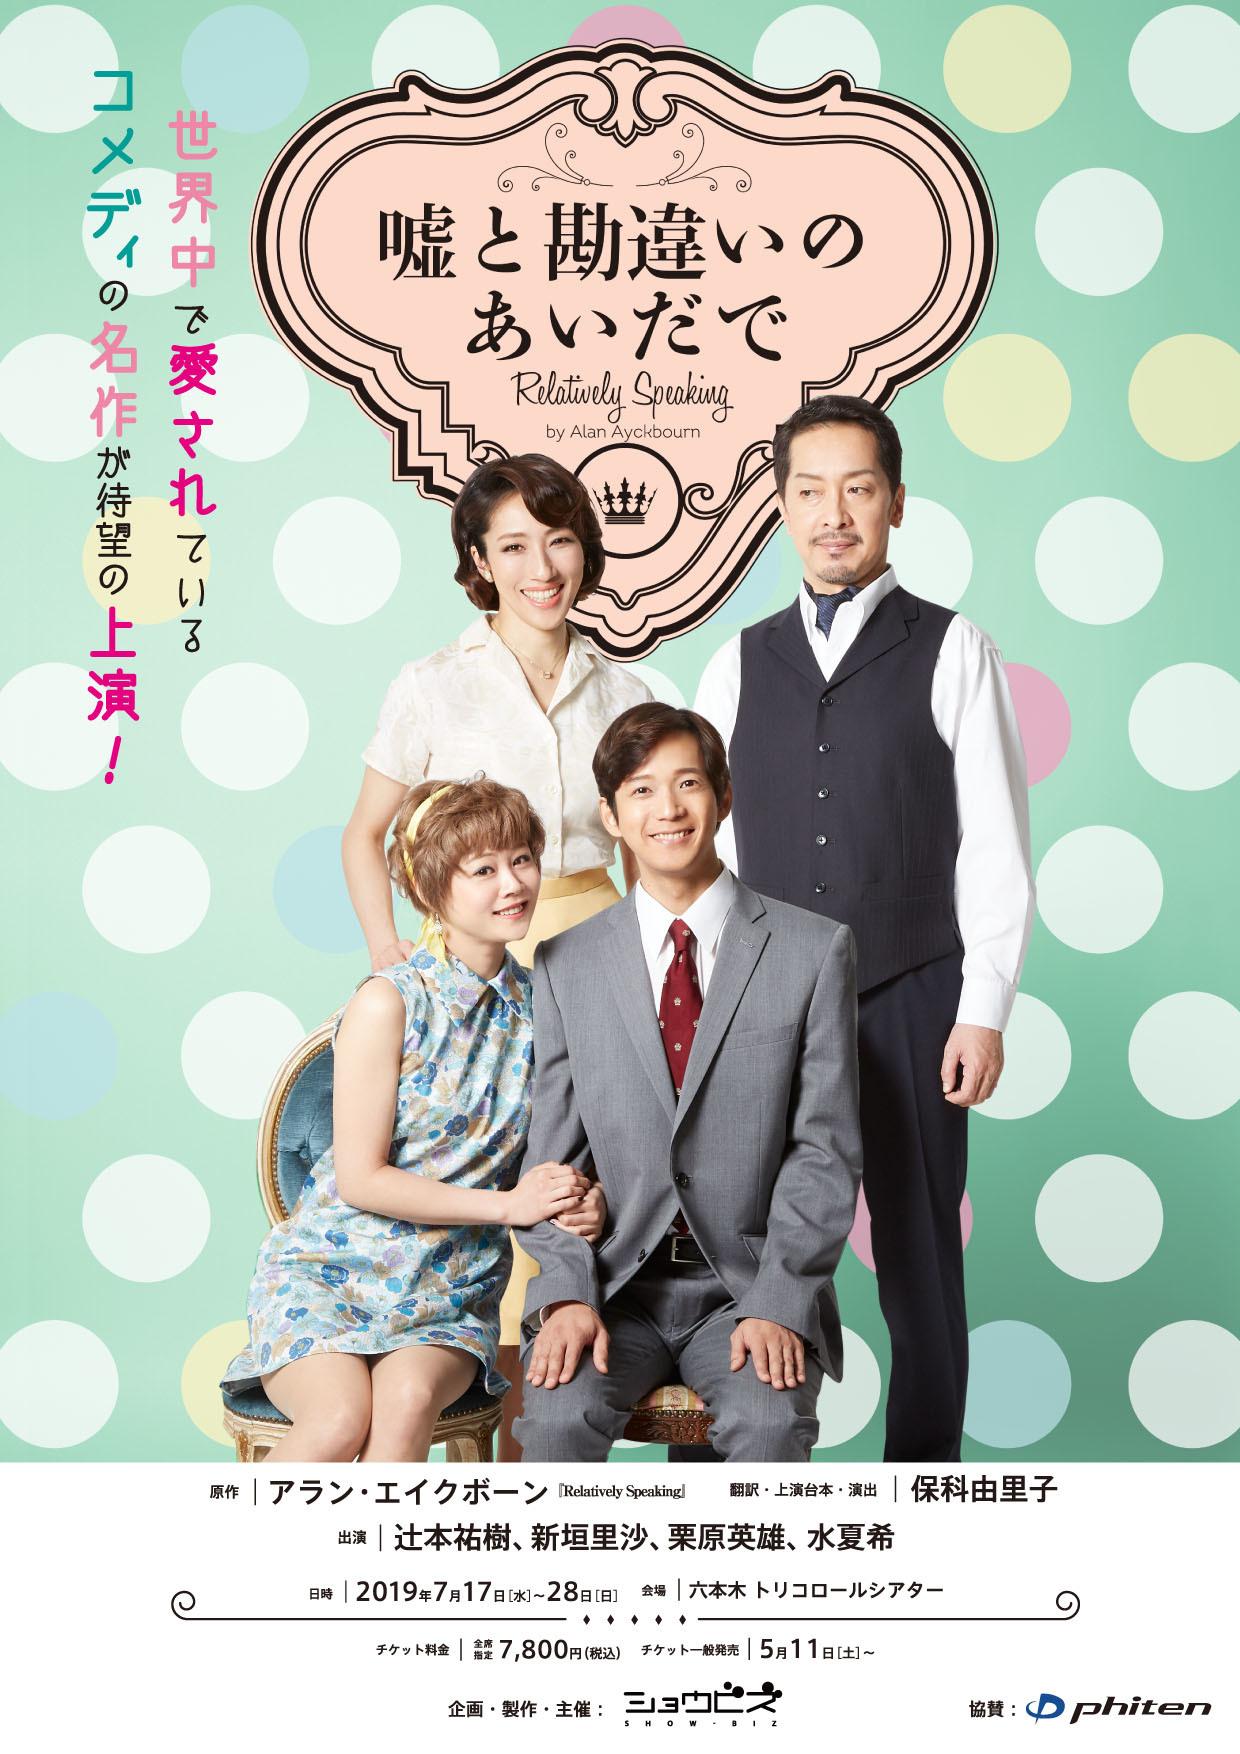 辻本祐樹、新垣里沙、栗原英雄、水夏希の4人が2019年7月にアラン ...